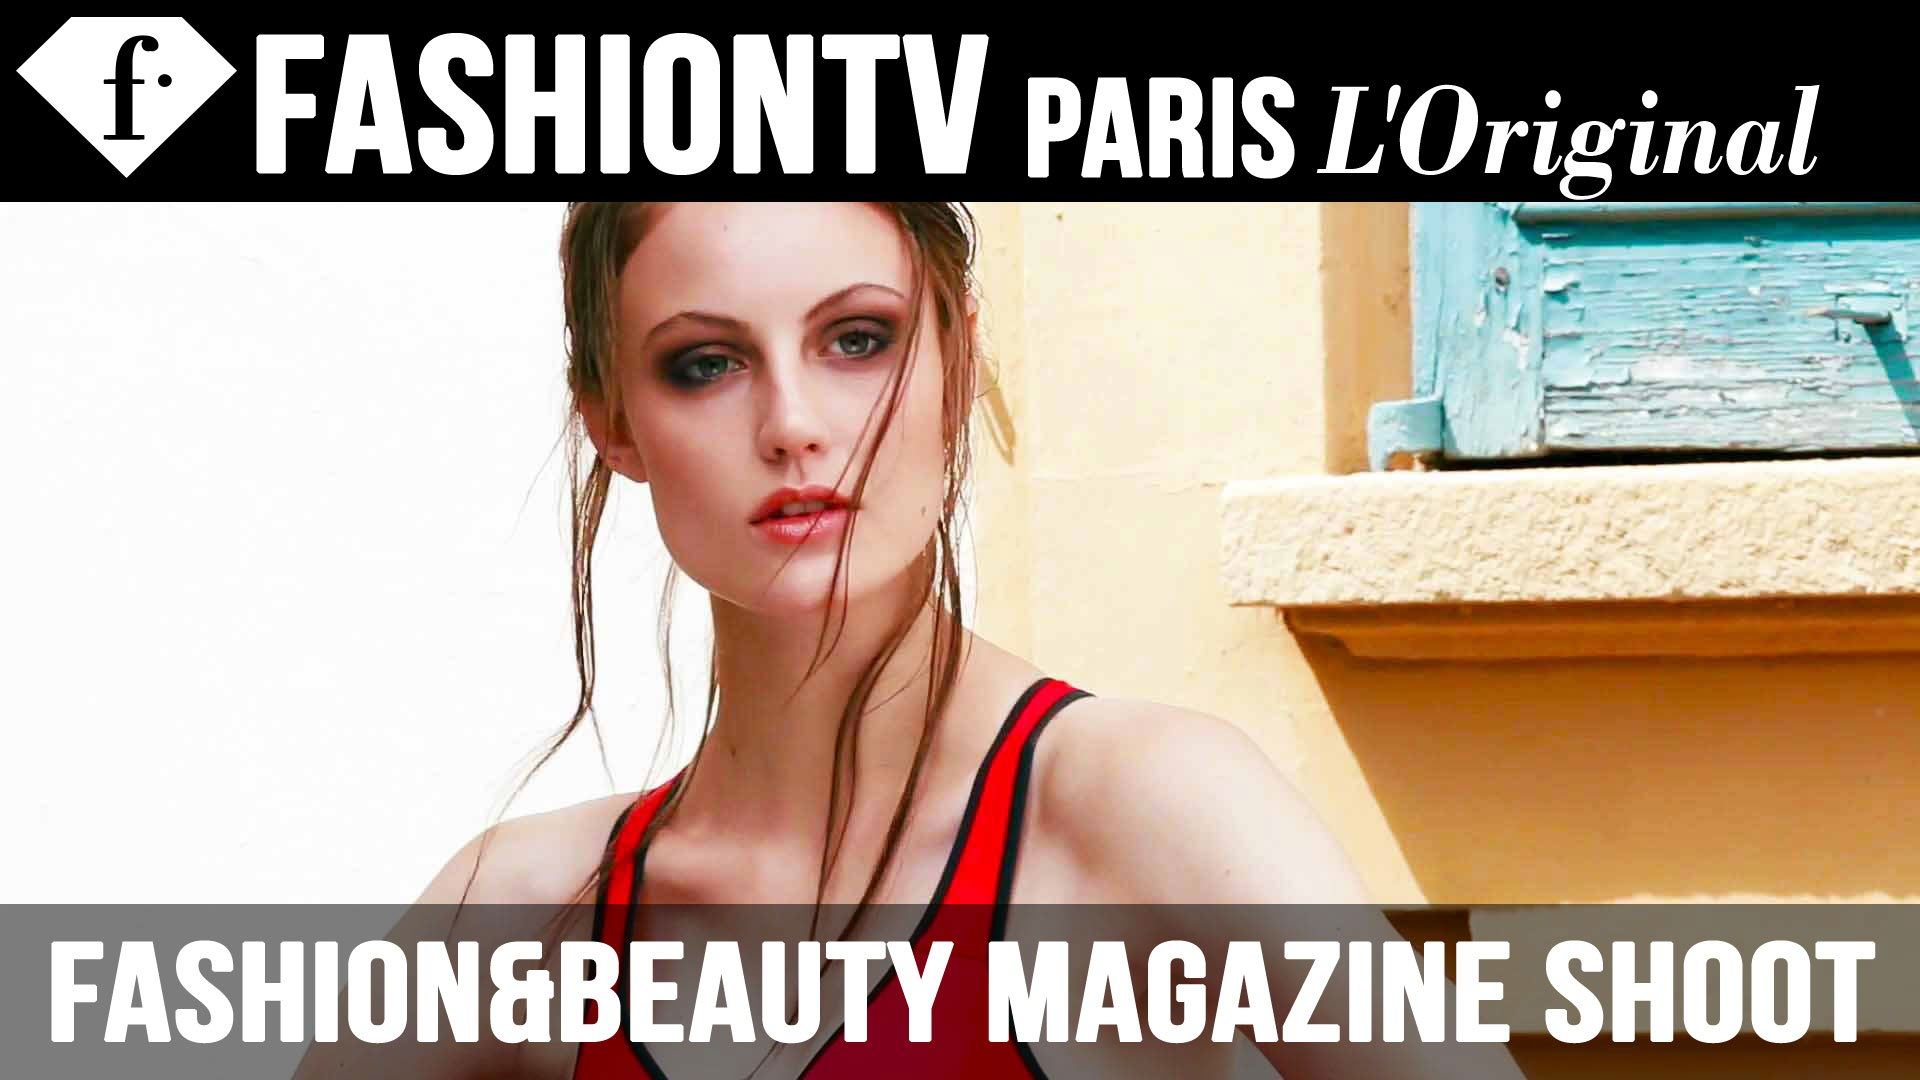 Fashion&Beauty magazine Photoshoot | FashionTV